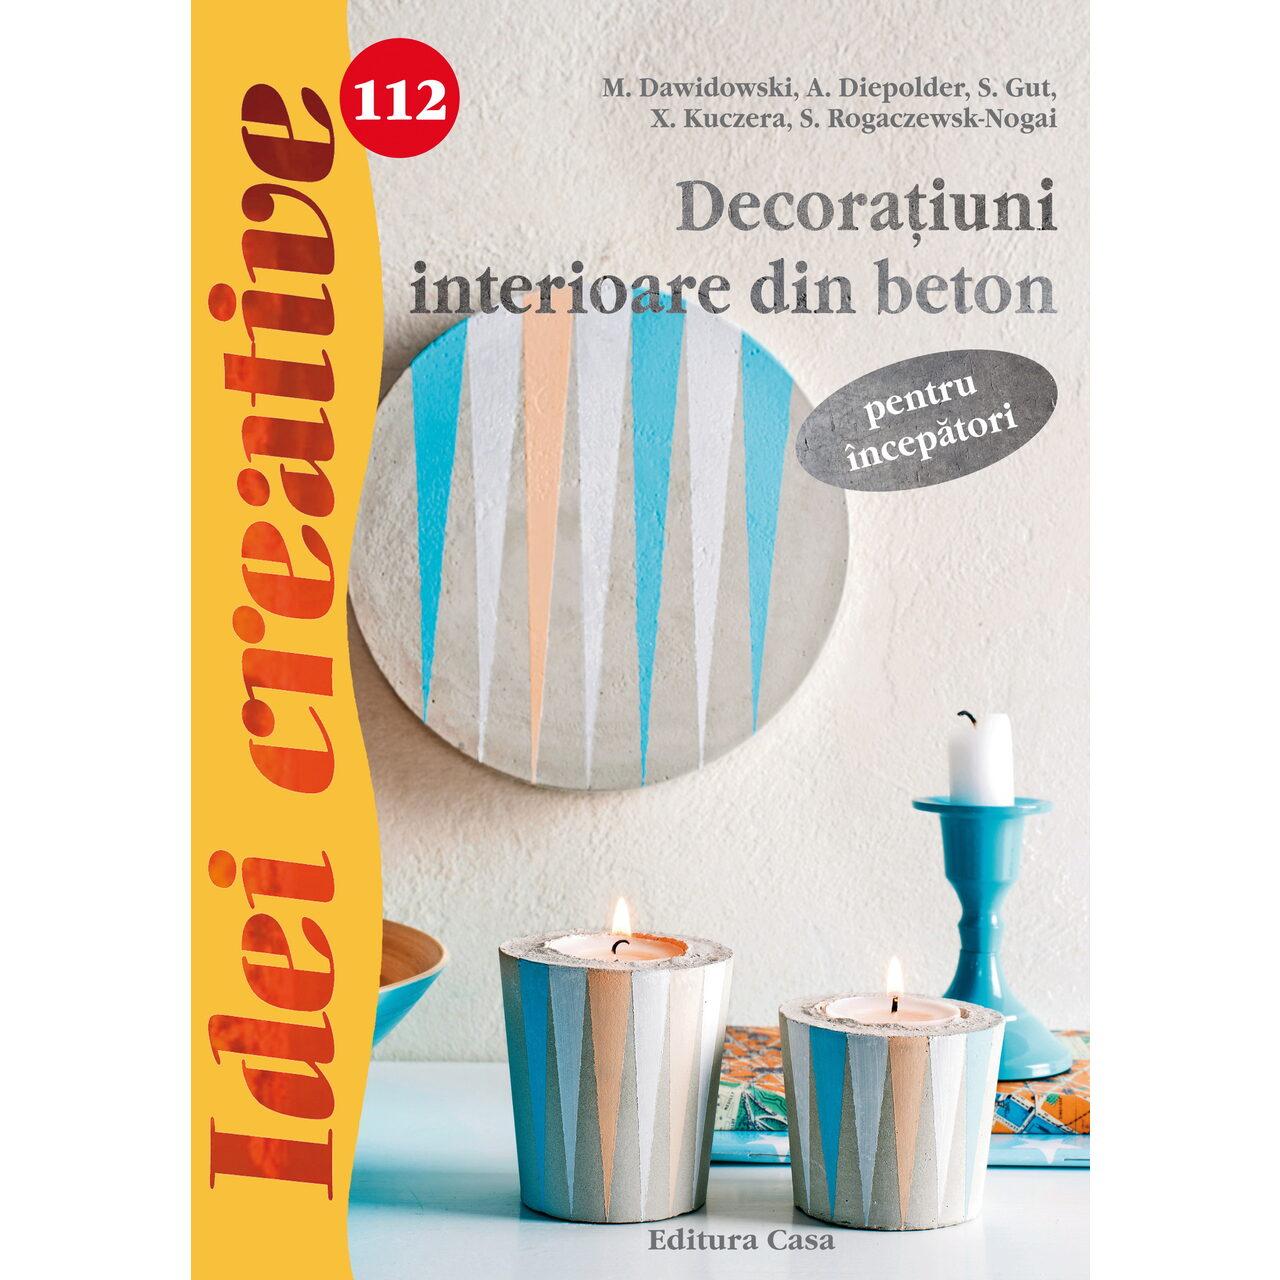 Decoraţiuni interioare din beton pentru începători - Idei creative 112 imagine edituracasa.ro